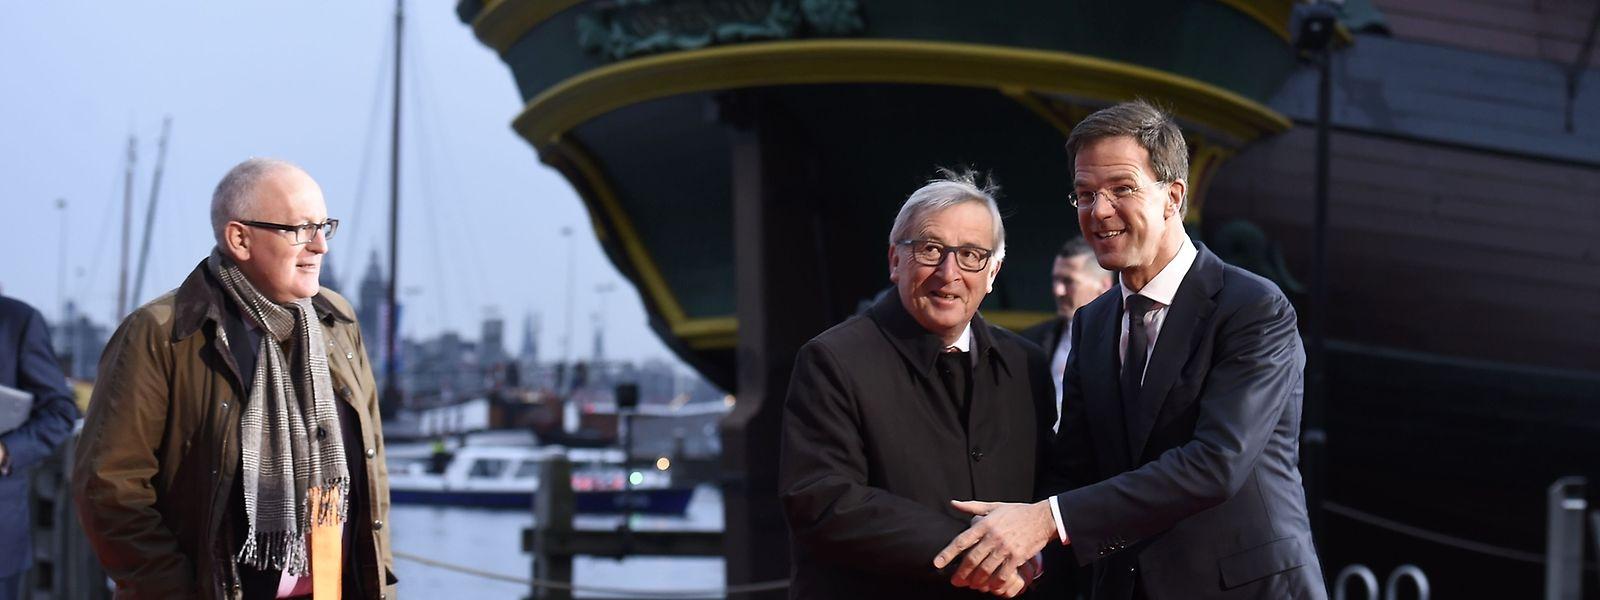 Stürmische Zeiten für die EU: Frans Timmermans, Jean-Claude Juncker und Mark Rutte